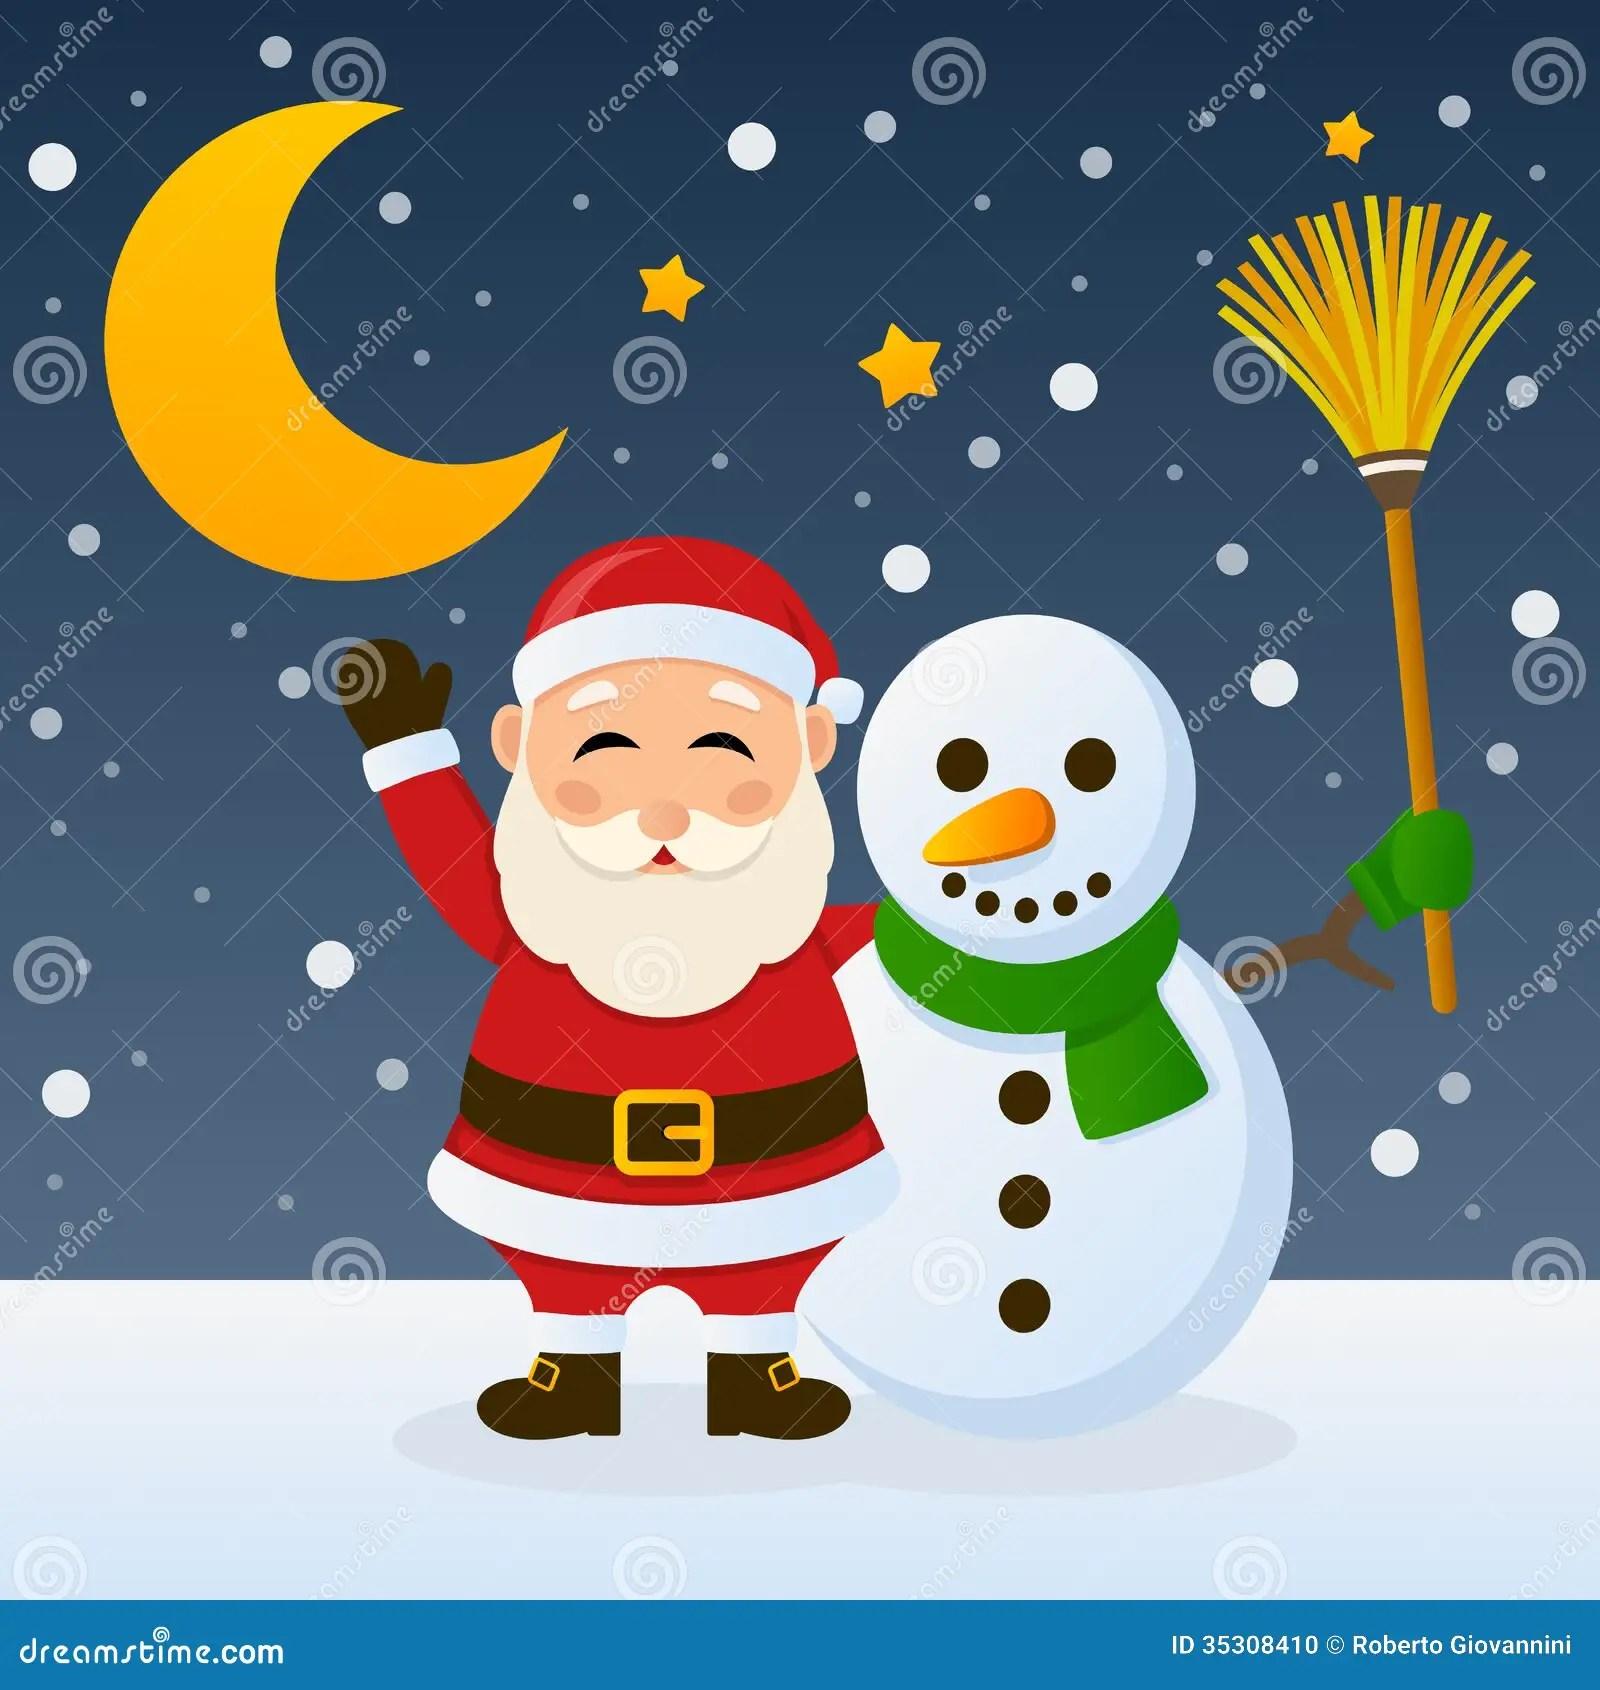 Cartoon Santa And Snowman Wwwpixsharkcom Images